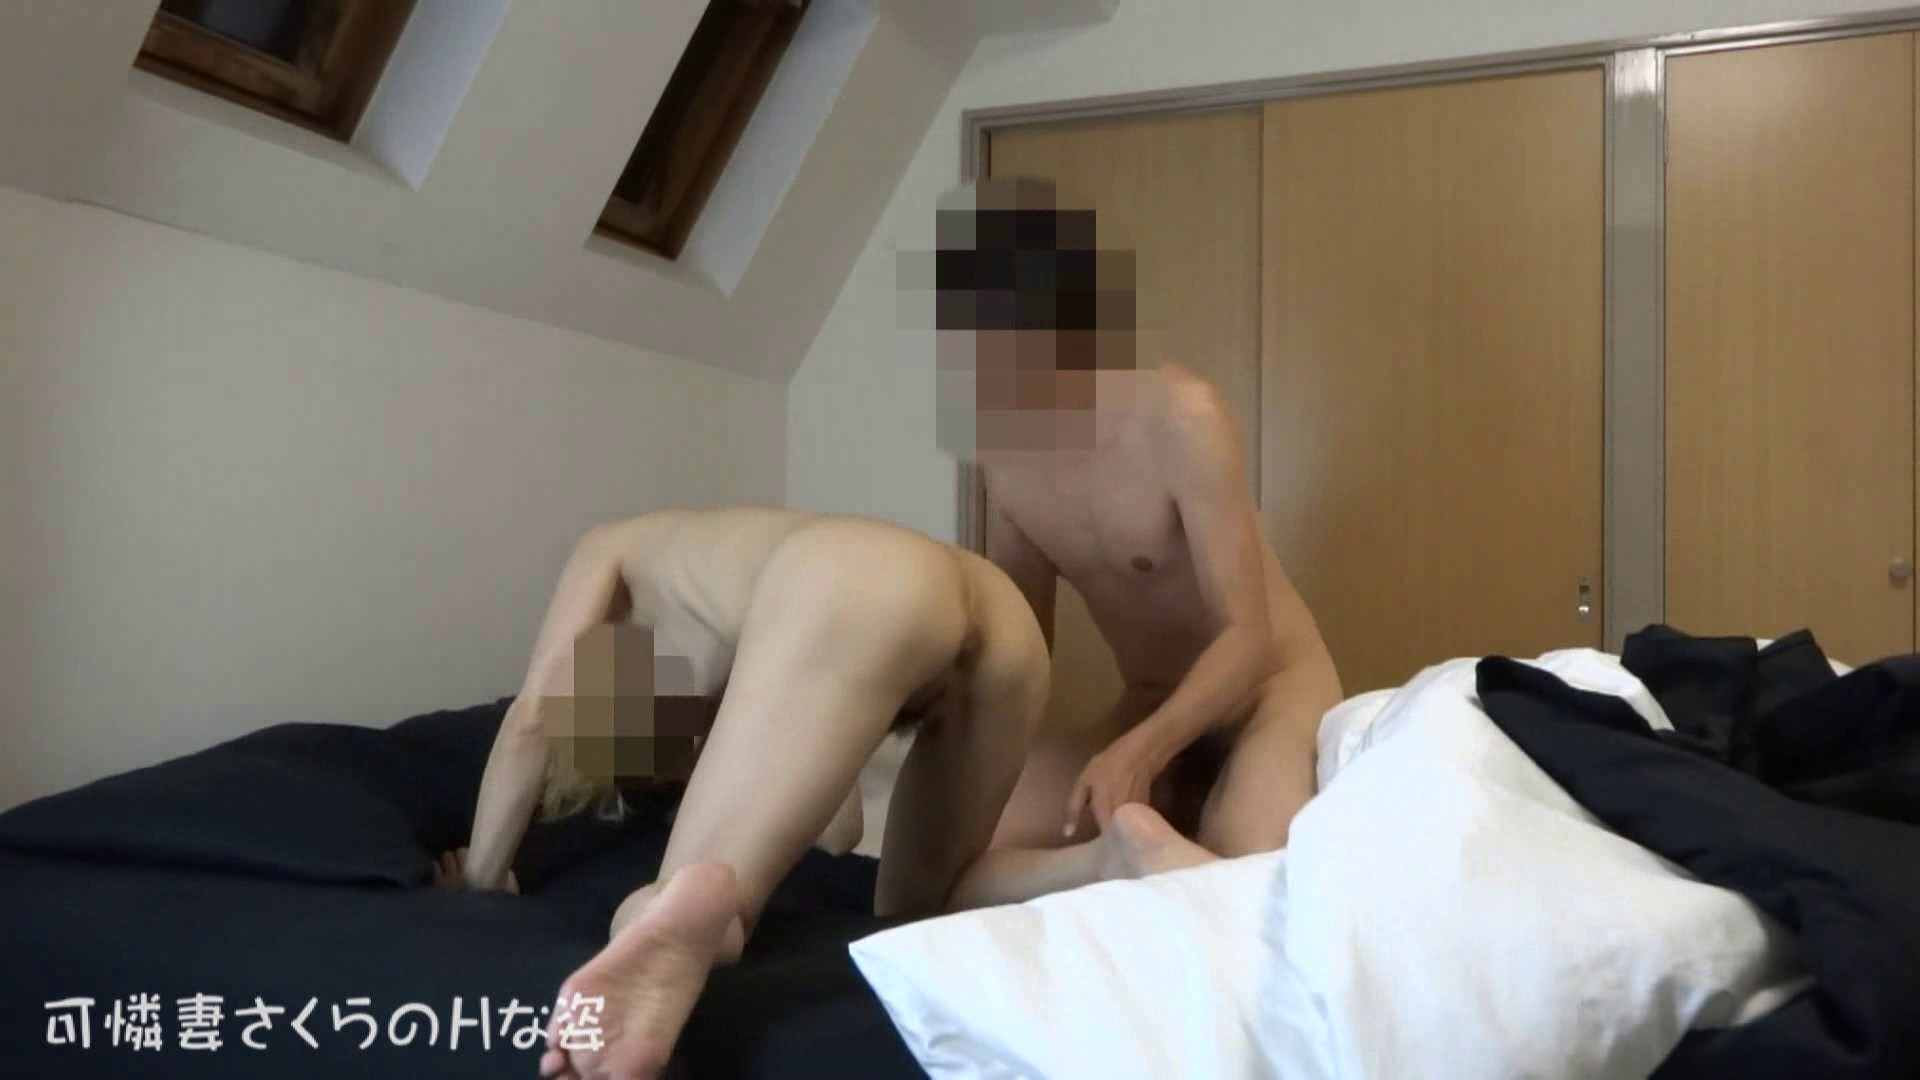 可憐妻さくらのHな姿vol.27 娘 | マンコ映像  111連発 25